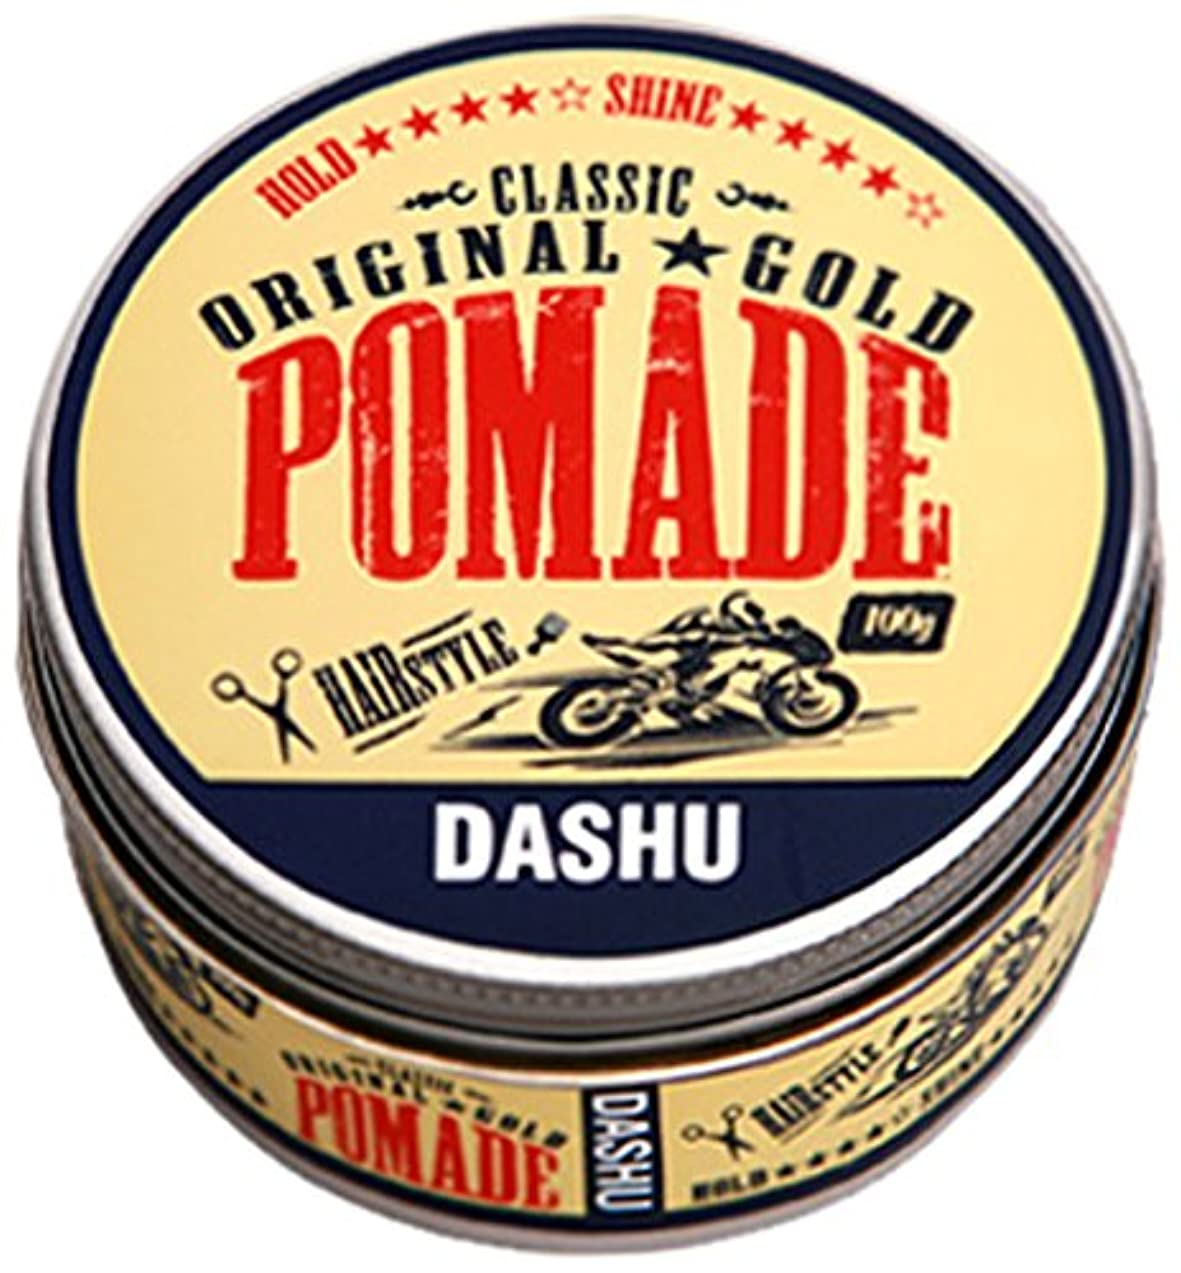 チューインガム敬礼カレッジ[DASHU] ダシュ クラシックオリジナルゴールドポマードヘアワックス Classic Original Gold Pomade Hair Wax 100ml / 韓国製 . 韓国直送品